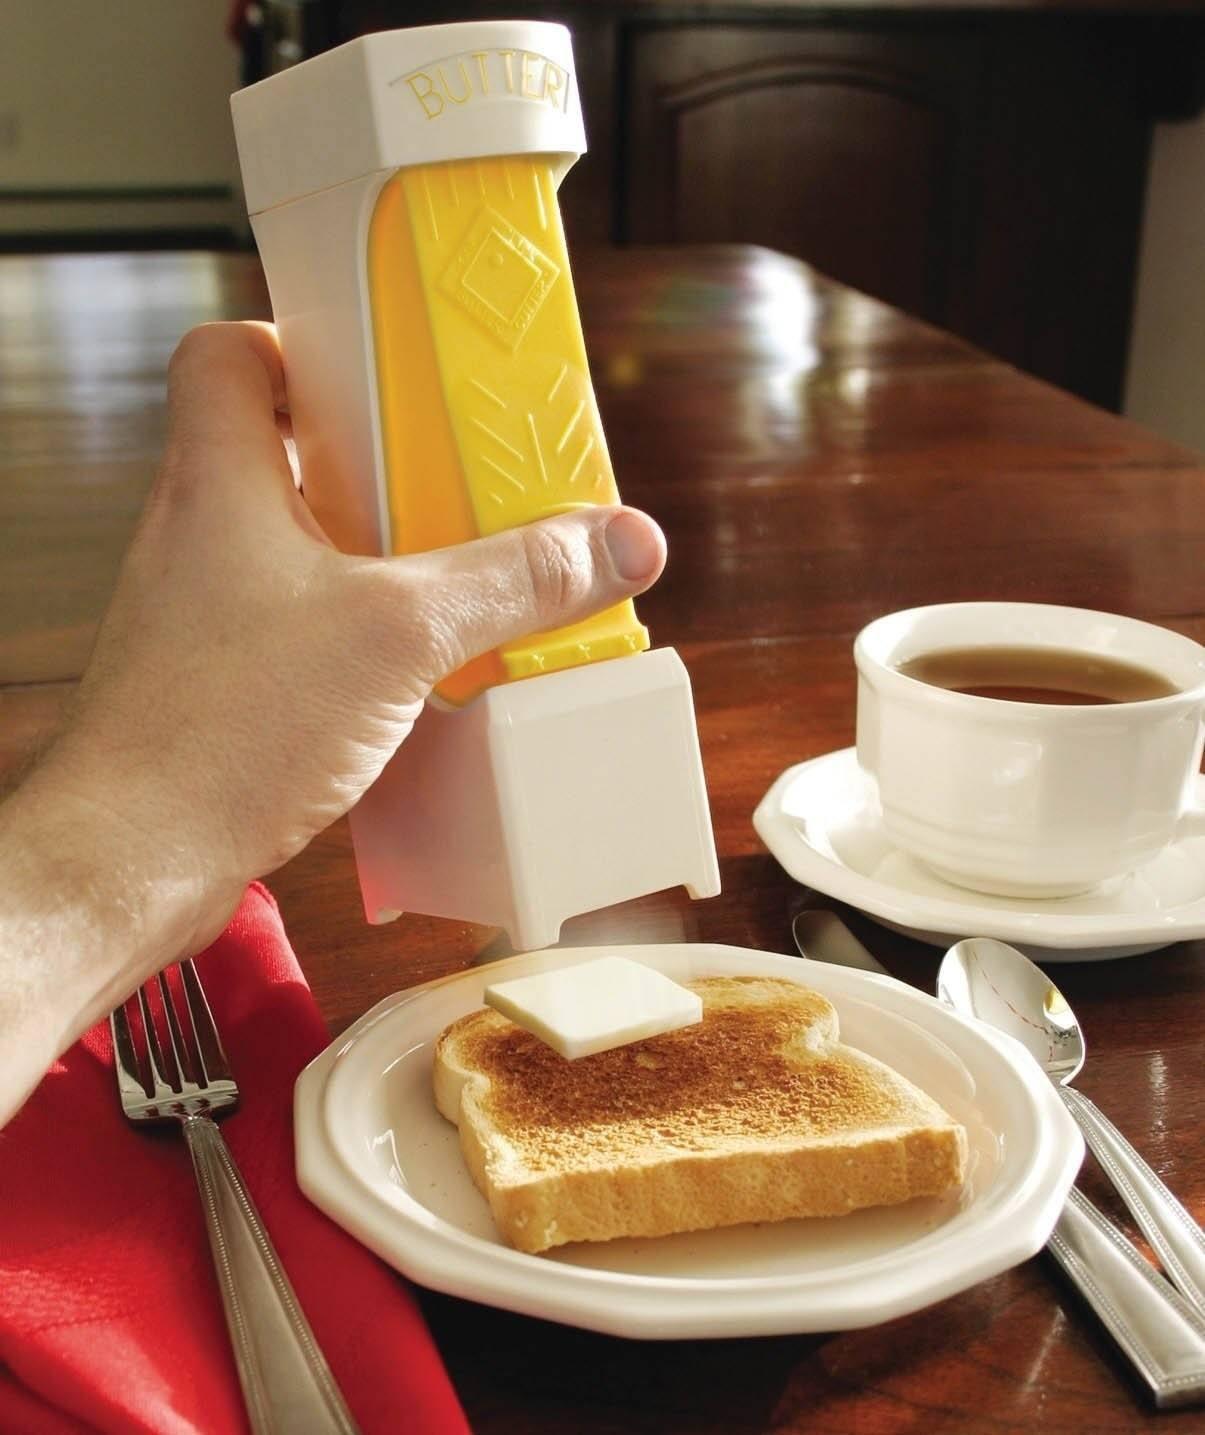 One+Click+Butter+Cutter